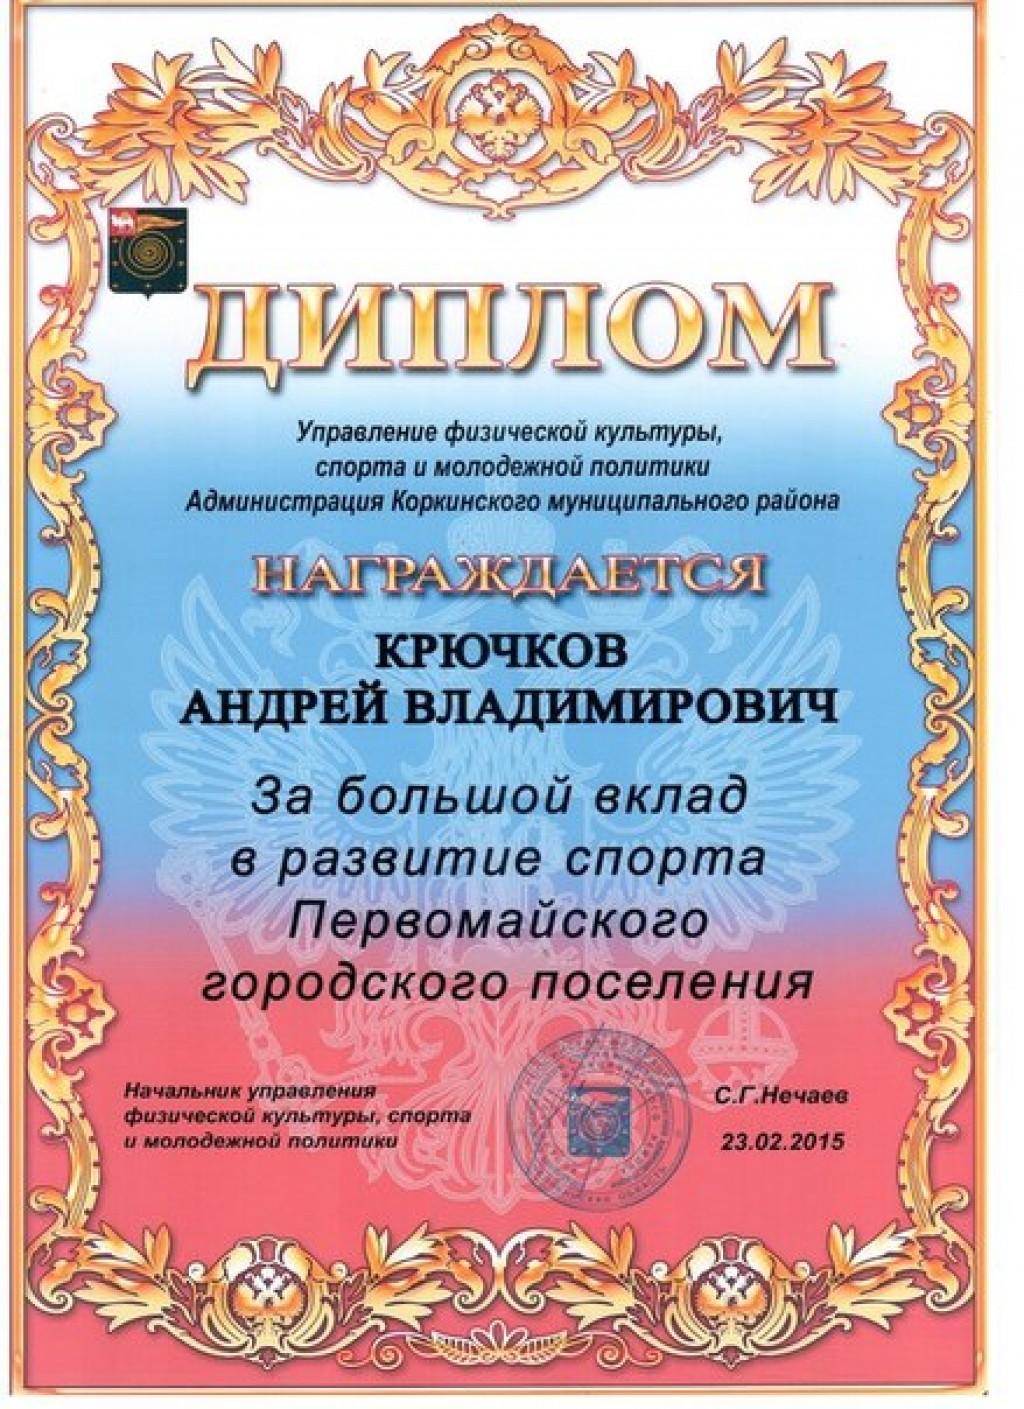 Дипломы мужчинам в 23 февраля с поздравлениями